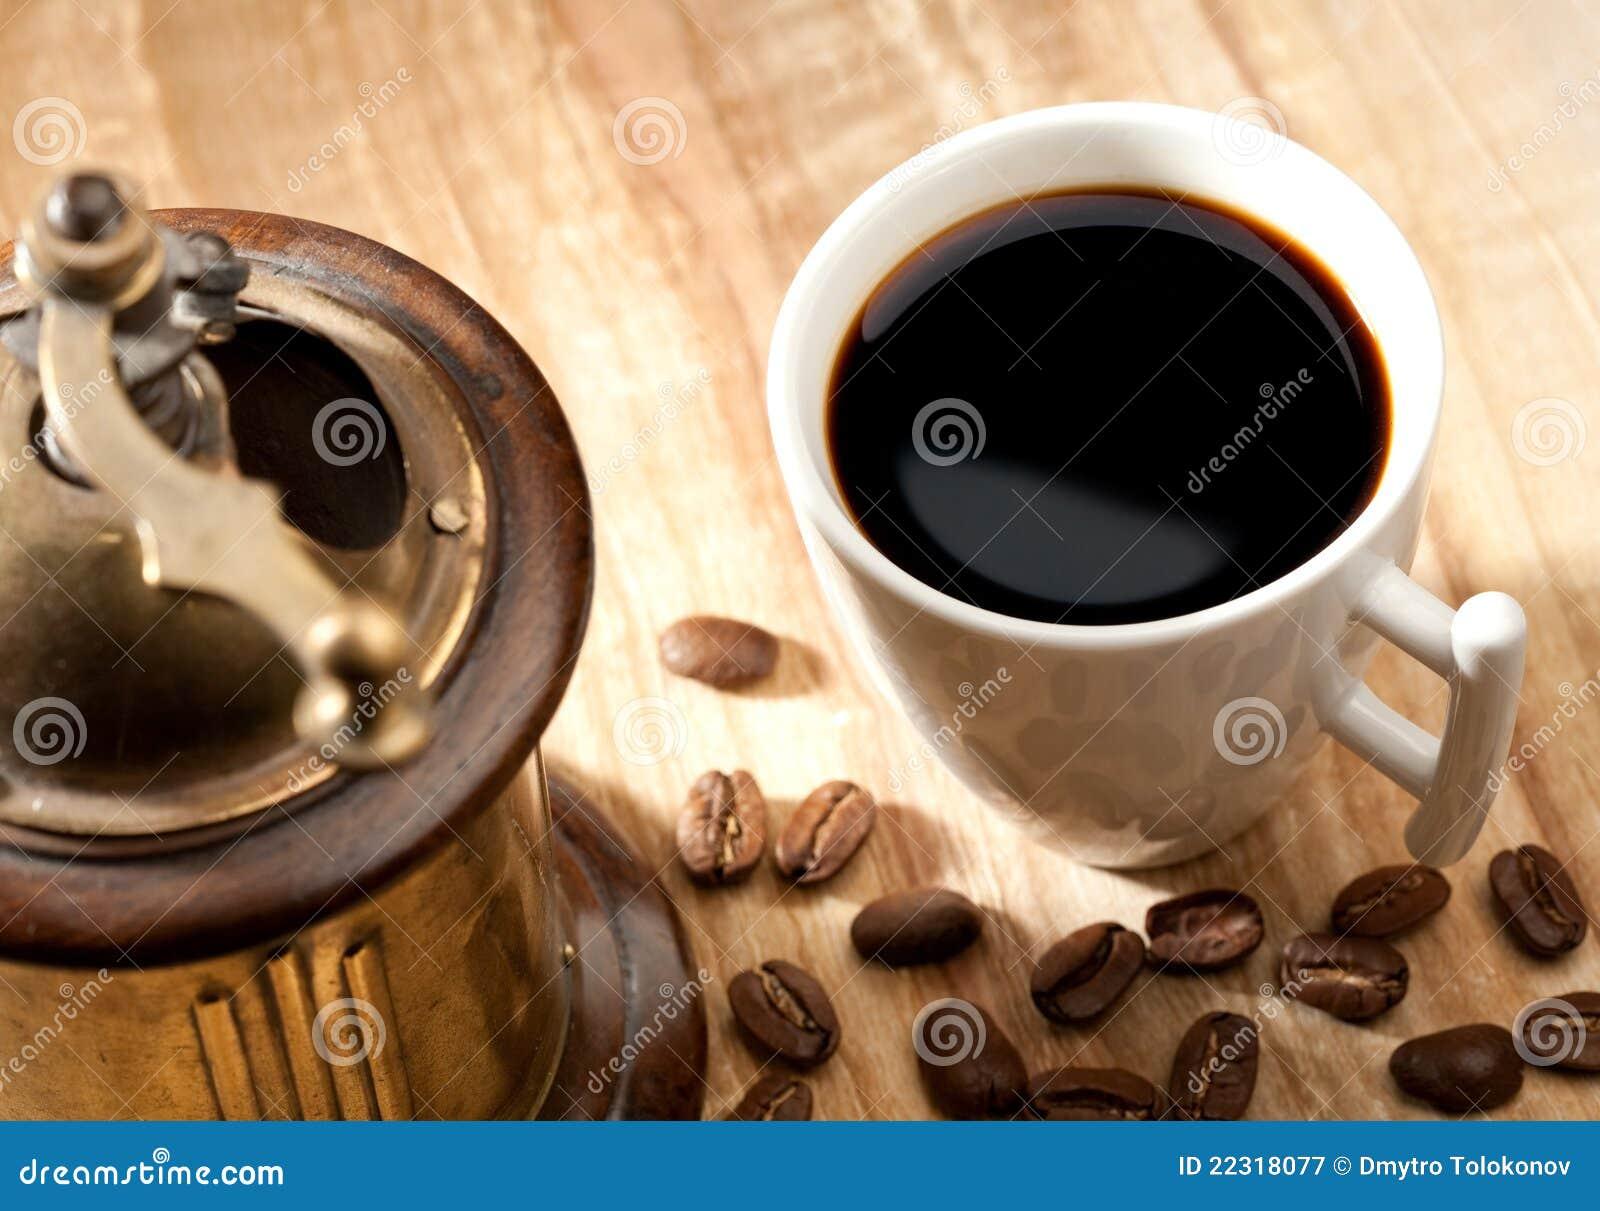 Kaffee Nochlebensdauer